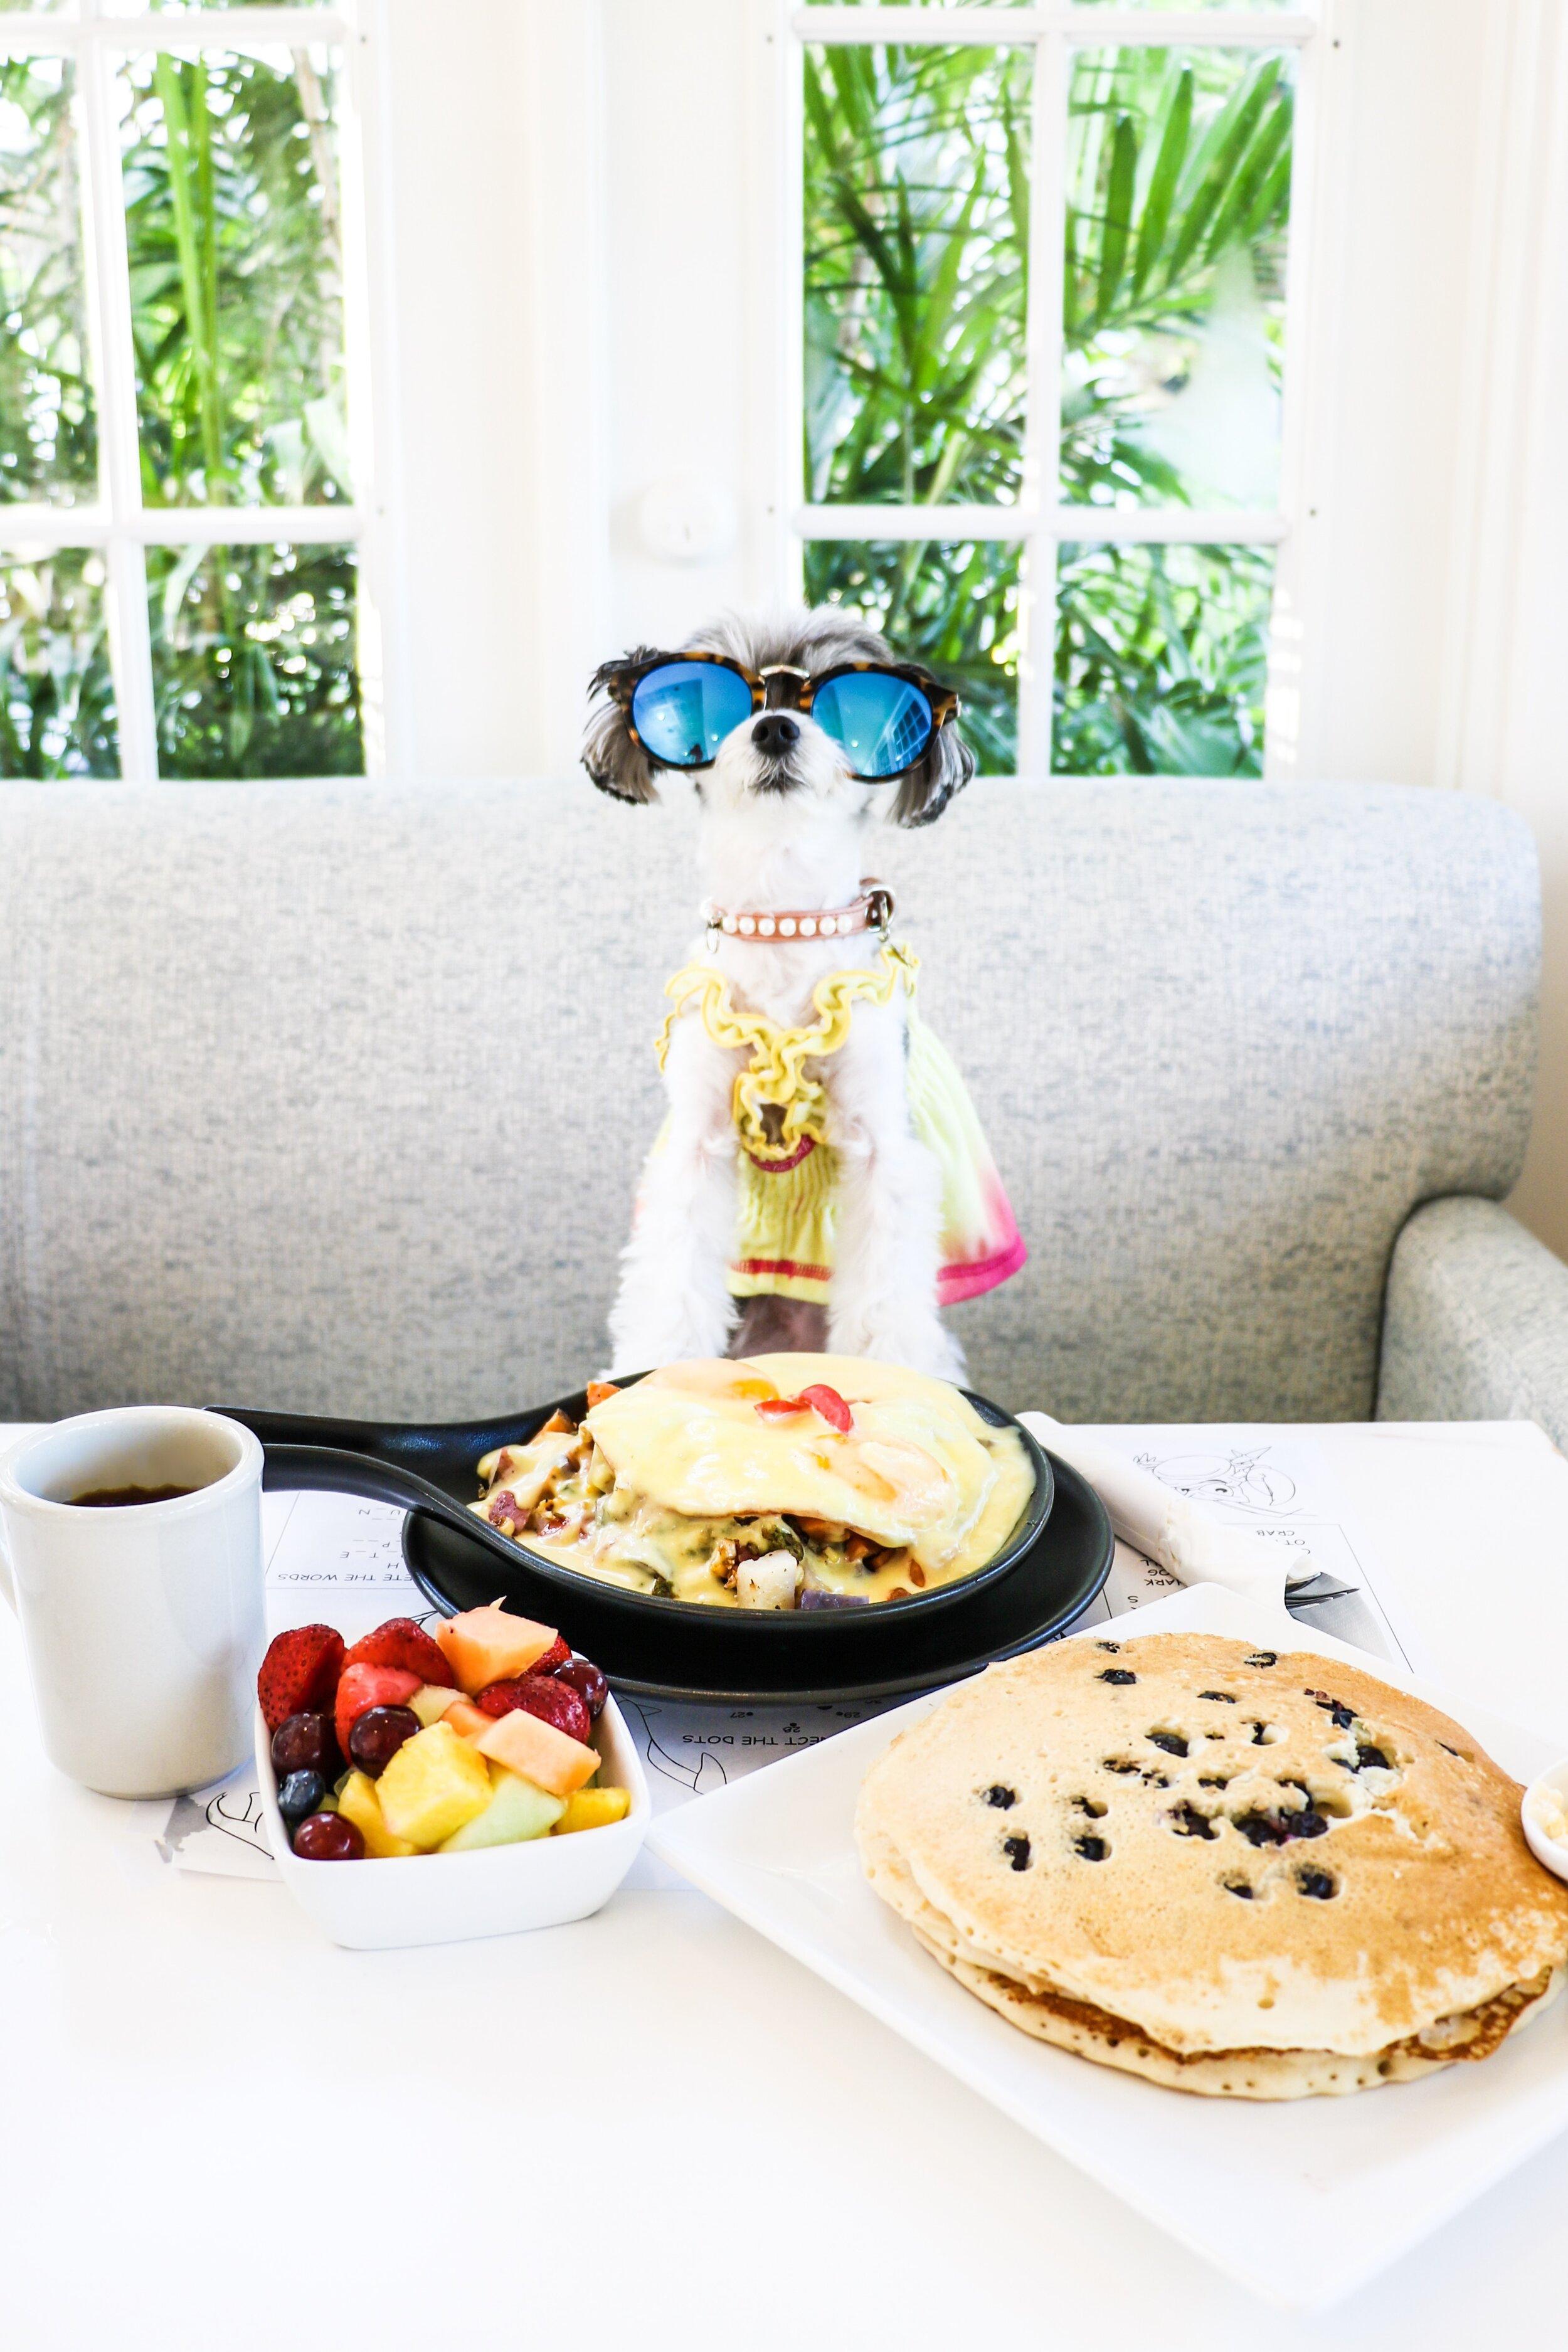 Tween Waters' Breakfast